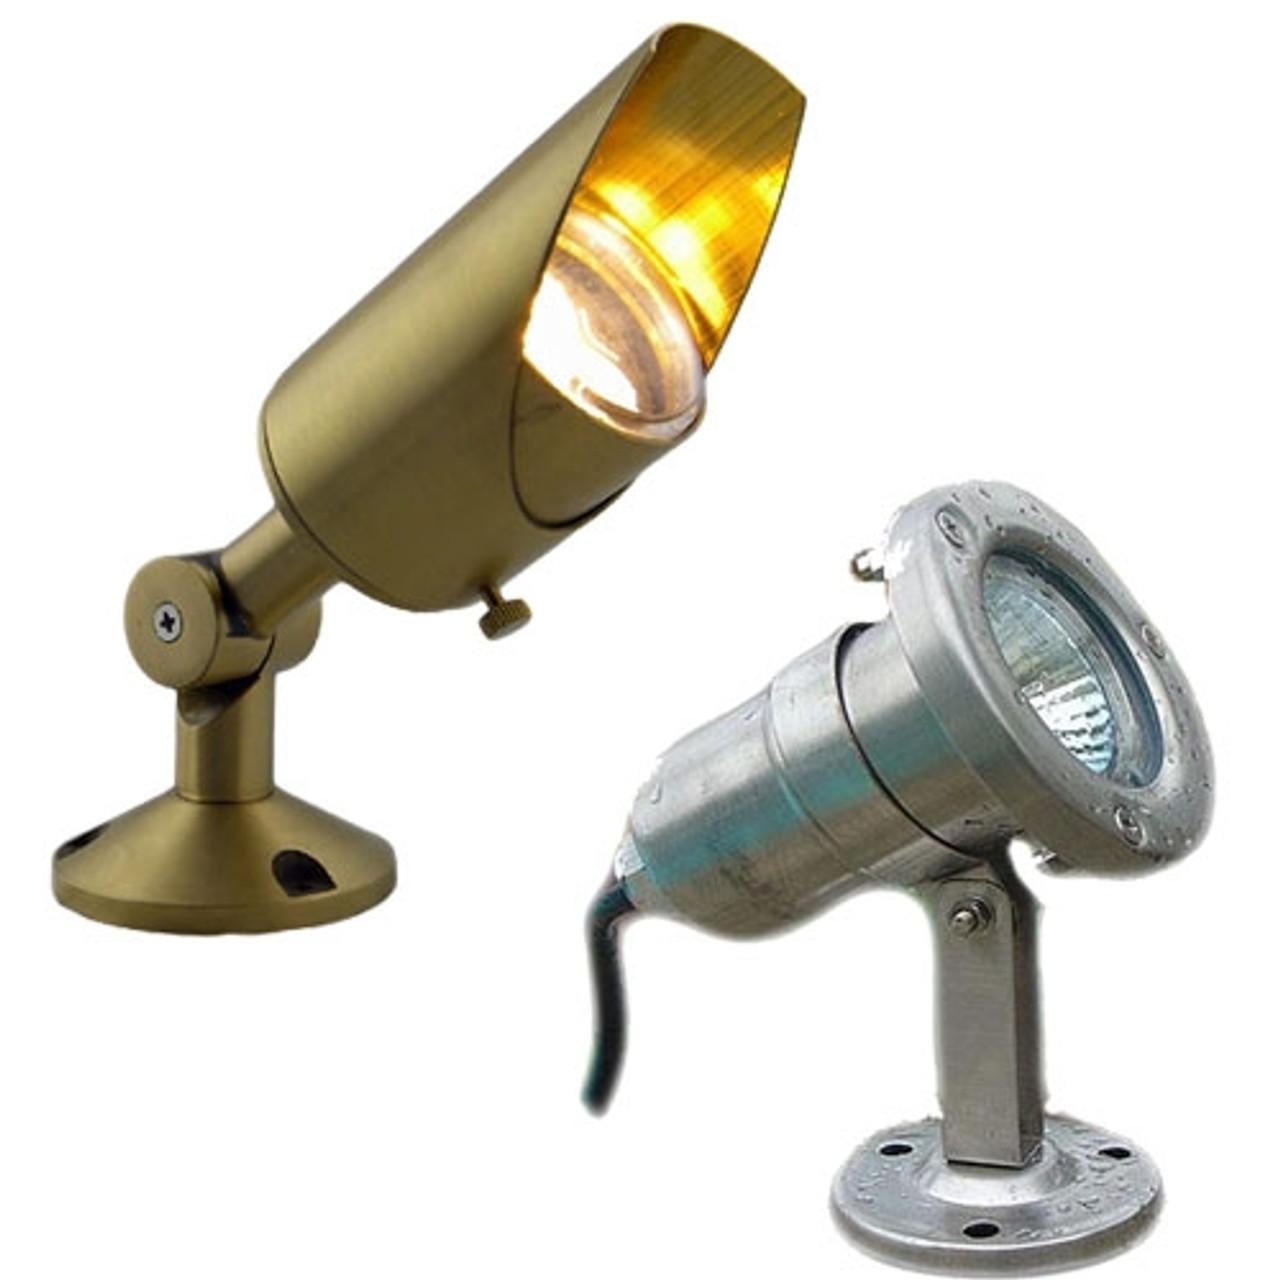 28 affordable quality lighting 12v 4 quot 40 176 adjustable